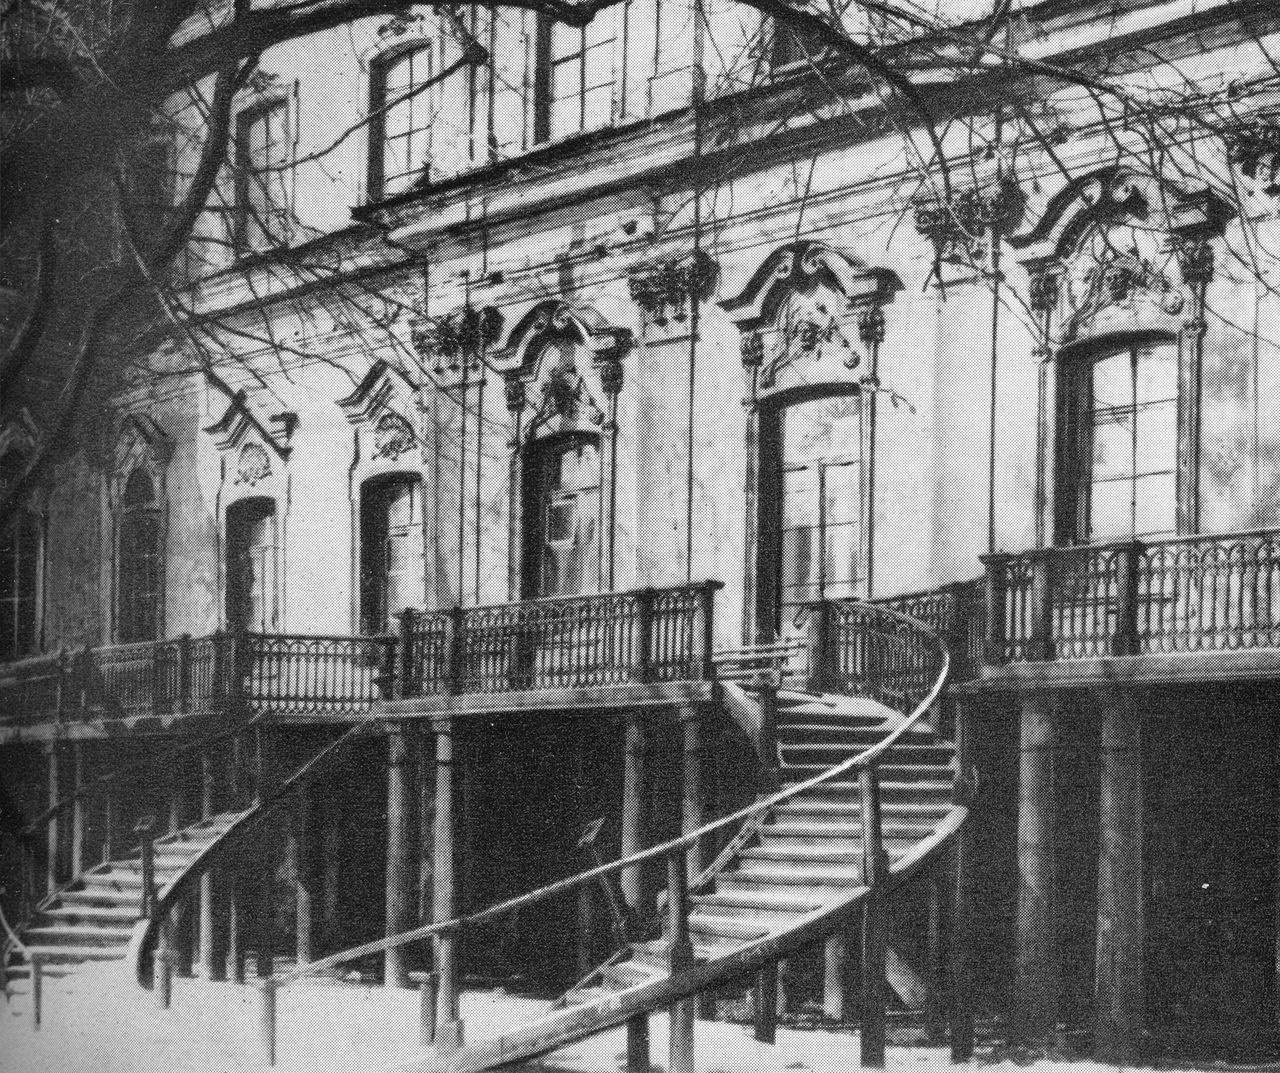 Дом Демидова в переулке Гривцова 1955, источник фото: pastvu.com